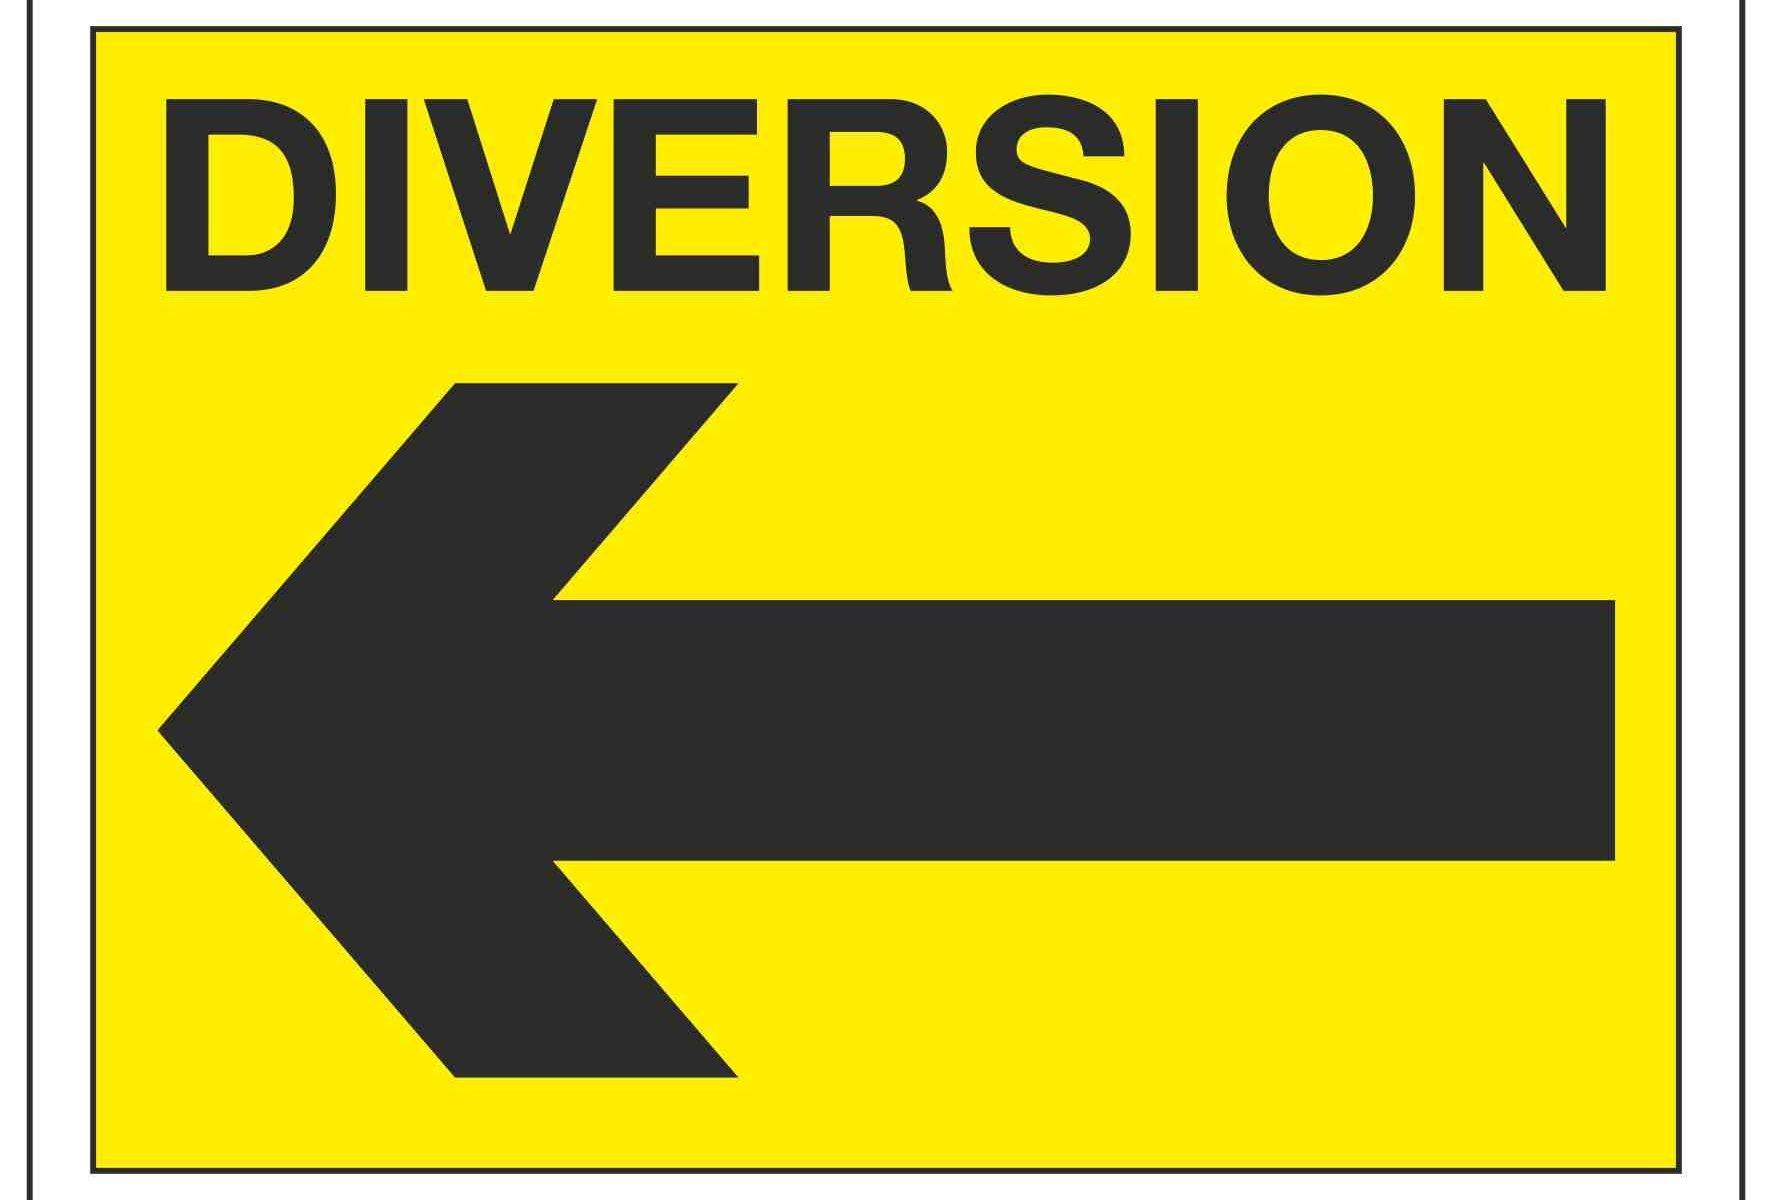 DIVERSION (Arrow Left)